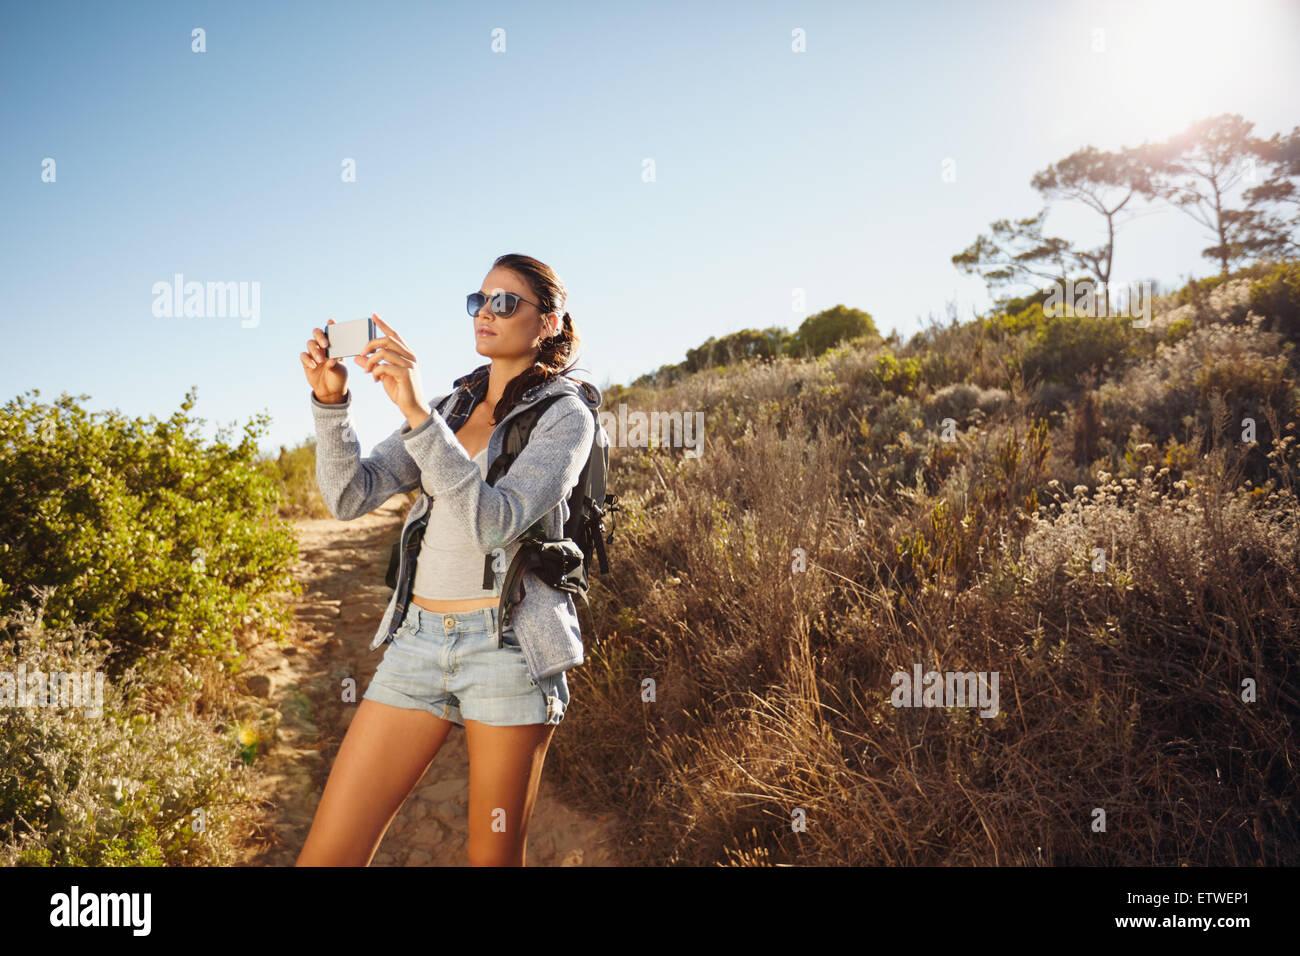 Bild der jungen Frau, die Fotos mit ihrem Handy beim Wandern im Gespräch. Kaukasische Weibchen Wandern an einem Stockbild